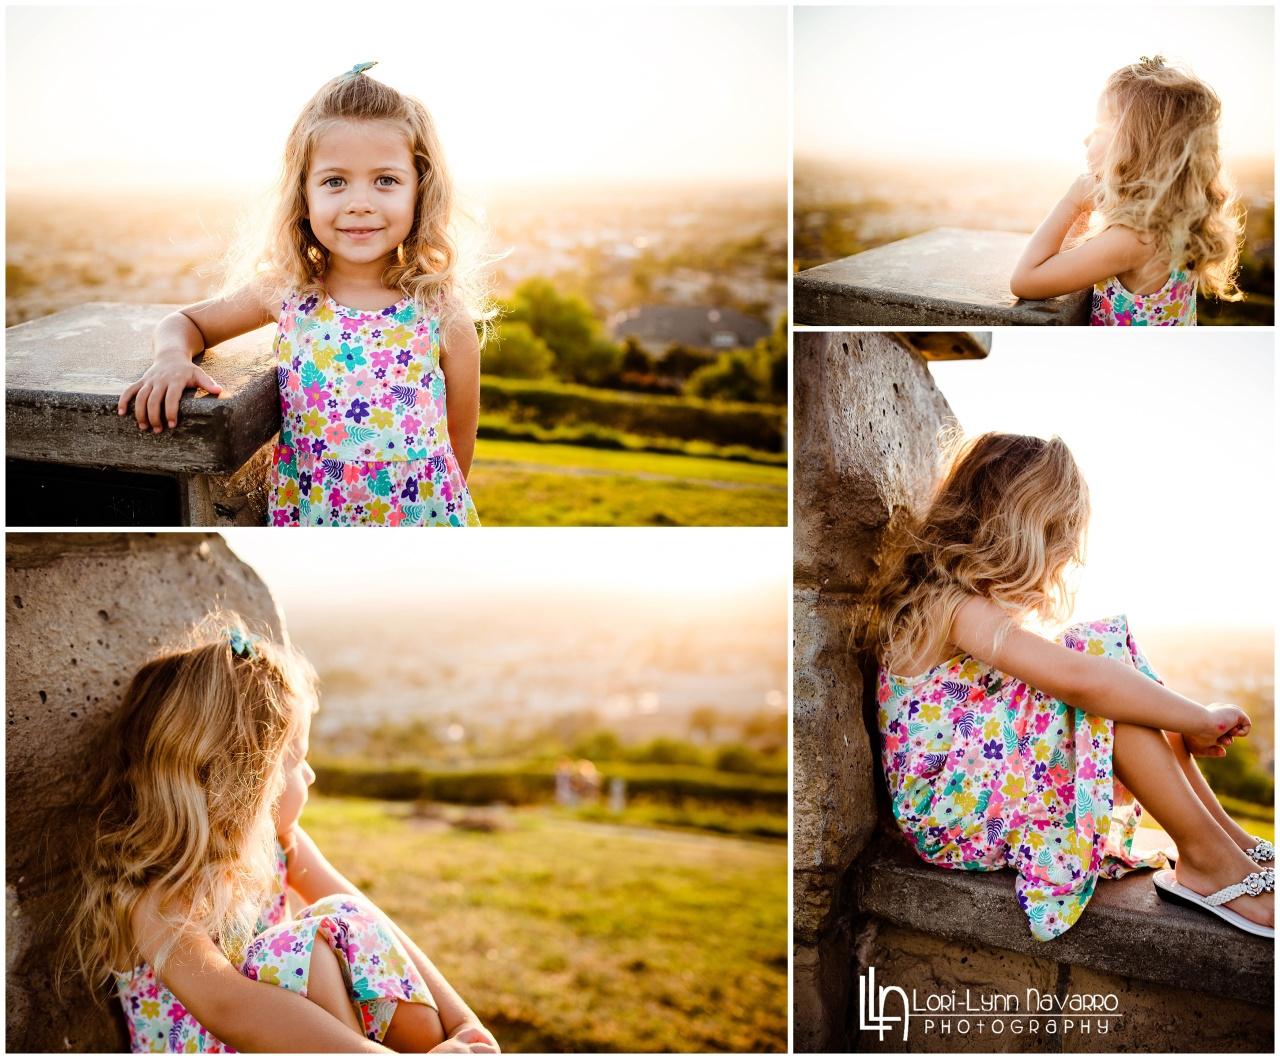 lorilynnnavarro-com_1169